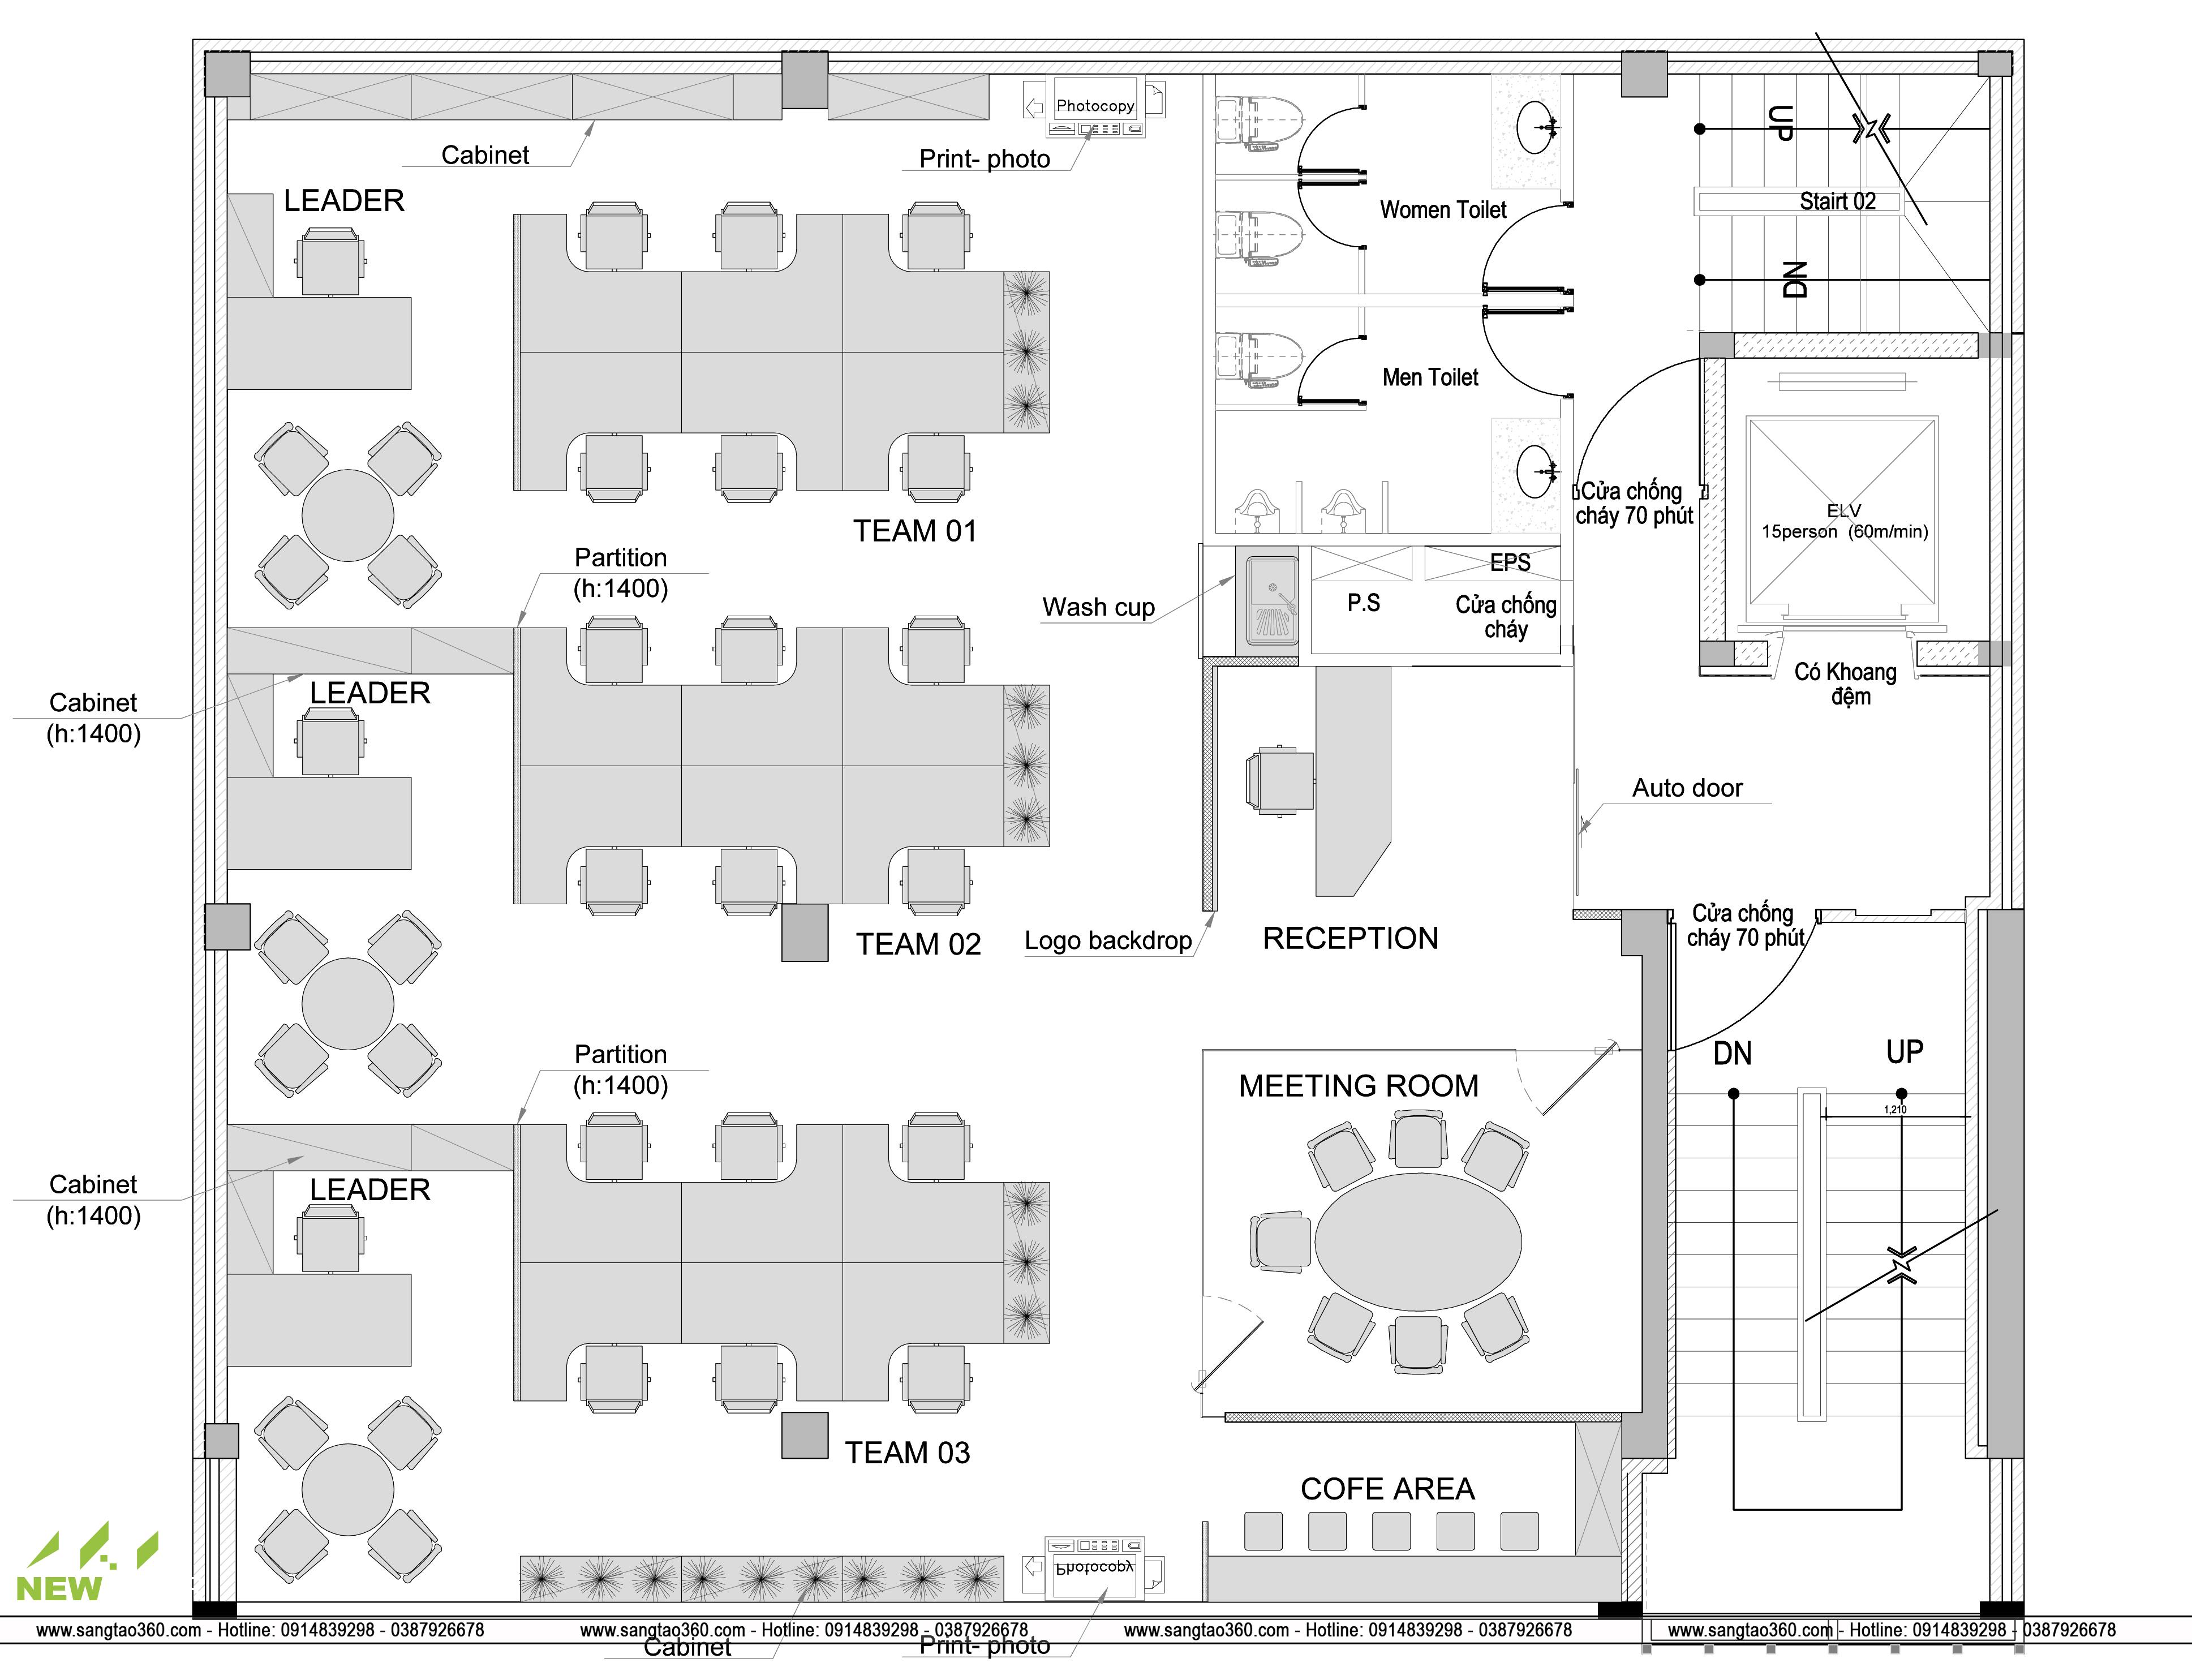 Thiết kế Mặt bằng bố trí nội thất Văn phòng Đại diện GMS (ASIA PACIFIC) Limited tại Hà Nội